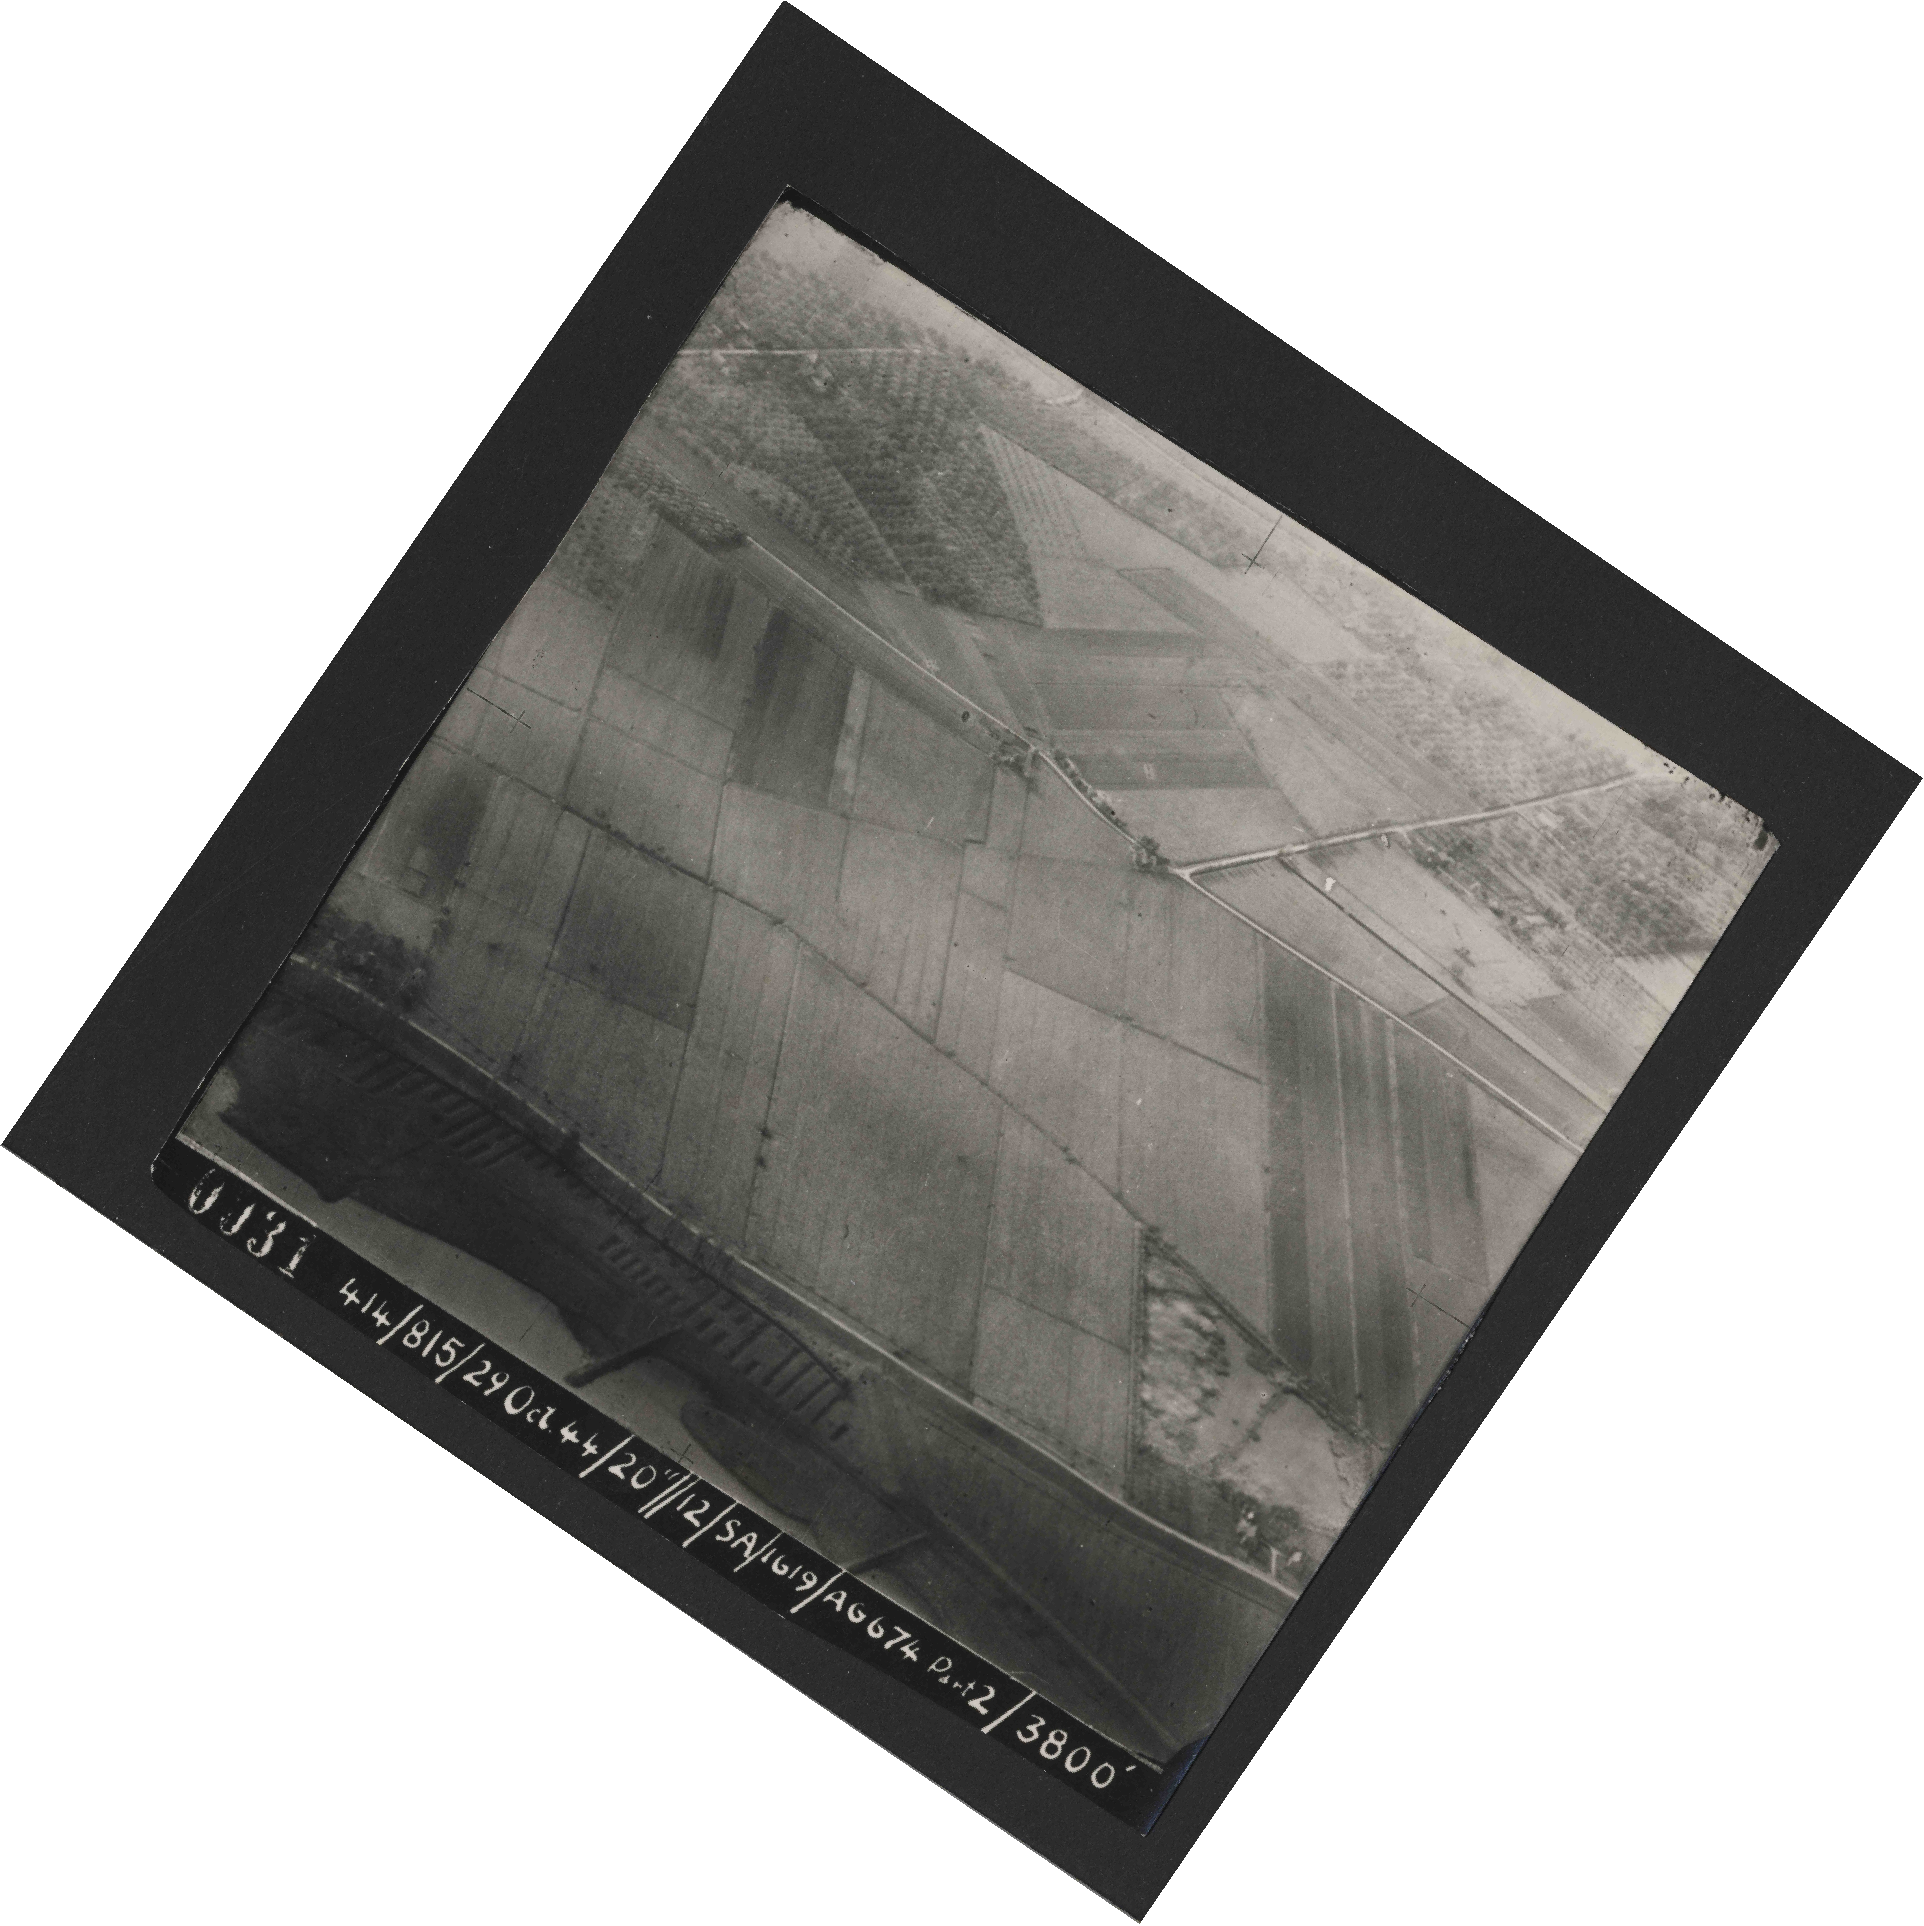 Collection RAF aerial photos 1940-1945 - flight 504, run 01, photo 0031